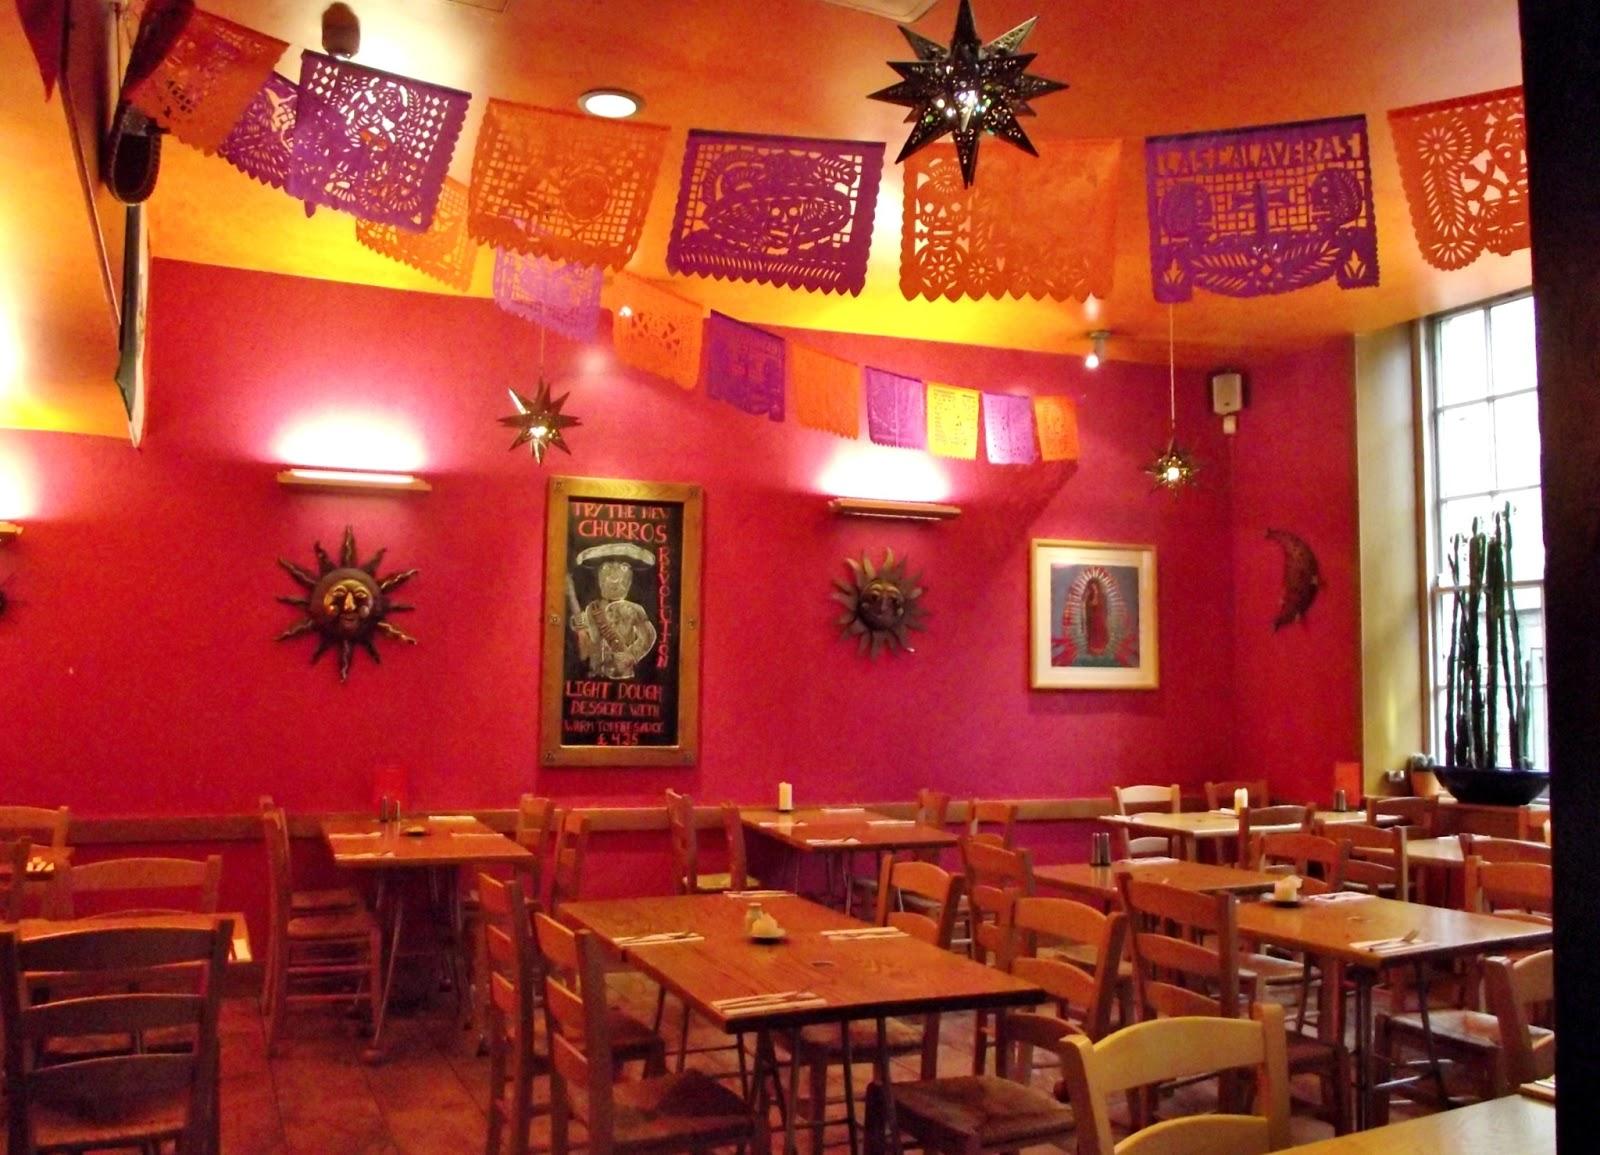 Bon voyage restaurante pancho villas en la ciudad de for Decoracion mexicana